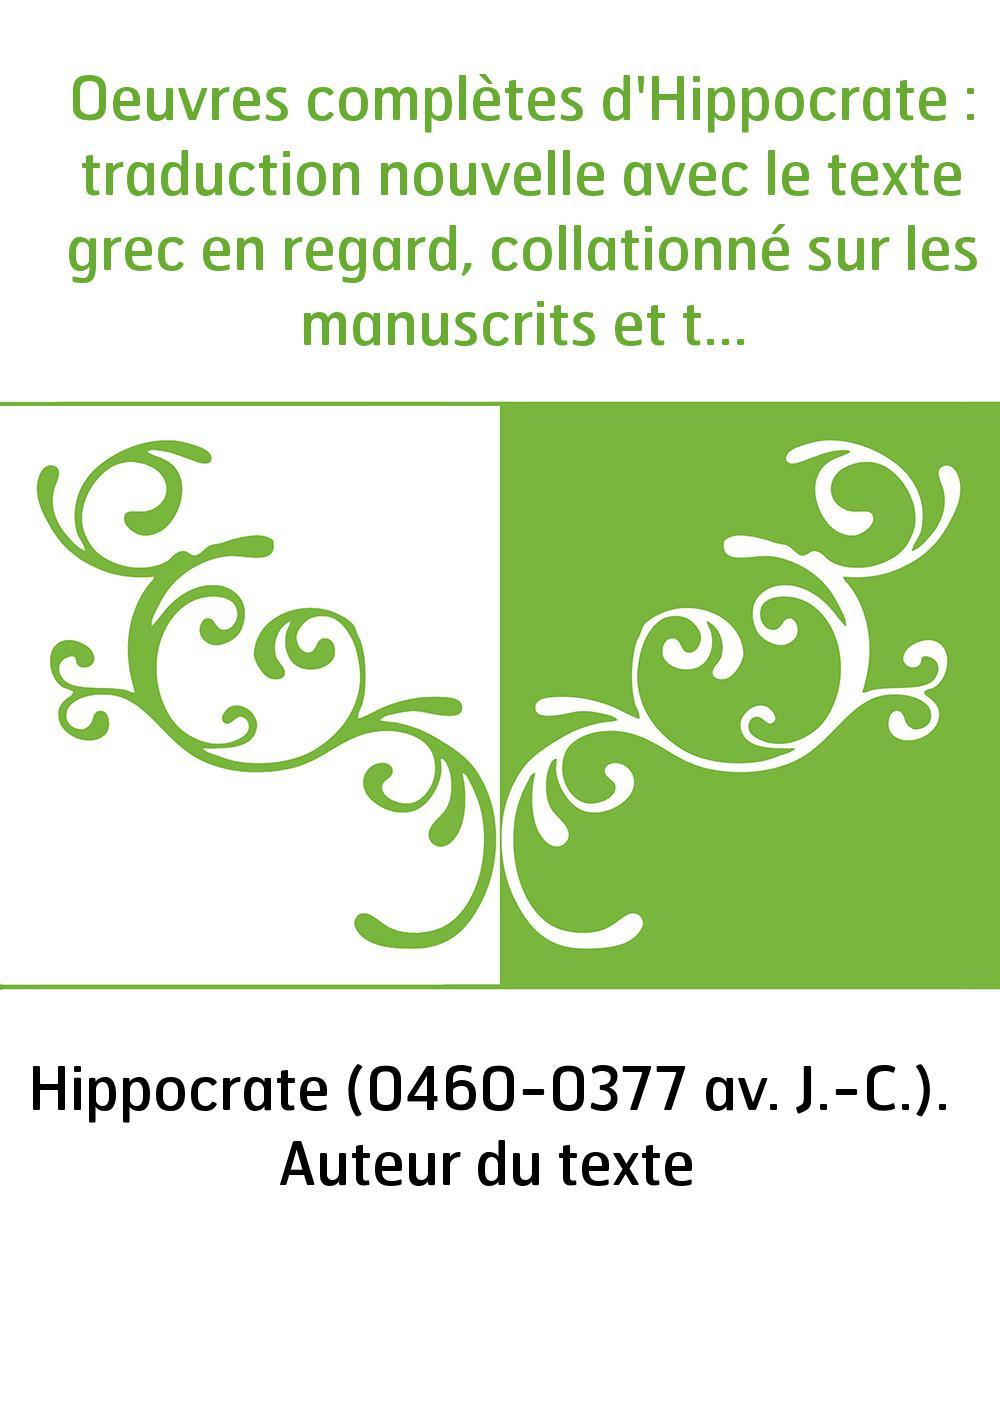 Oeuvres complètes d'Hippocrate : traduction nouvelle avec le texte grec en regard, collationné sur les manuscrits et toutes les